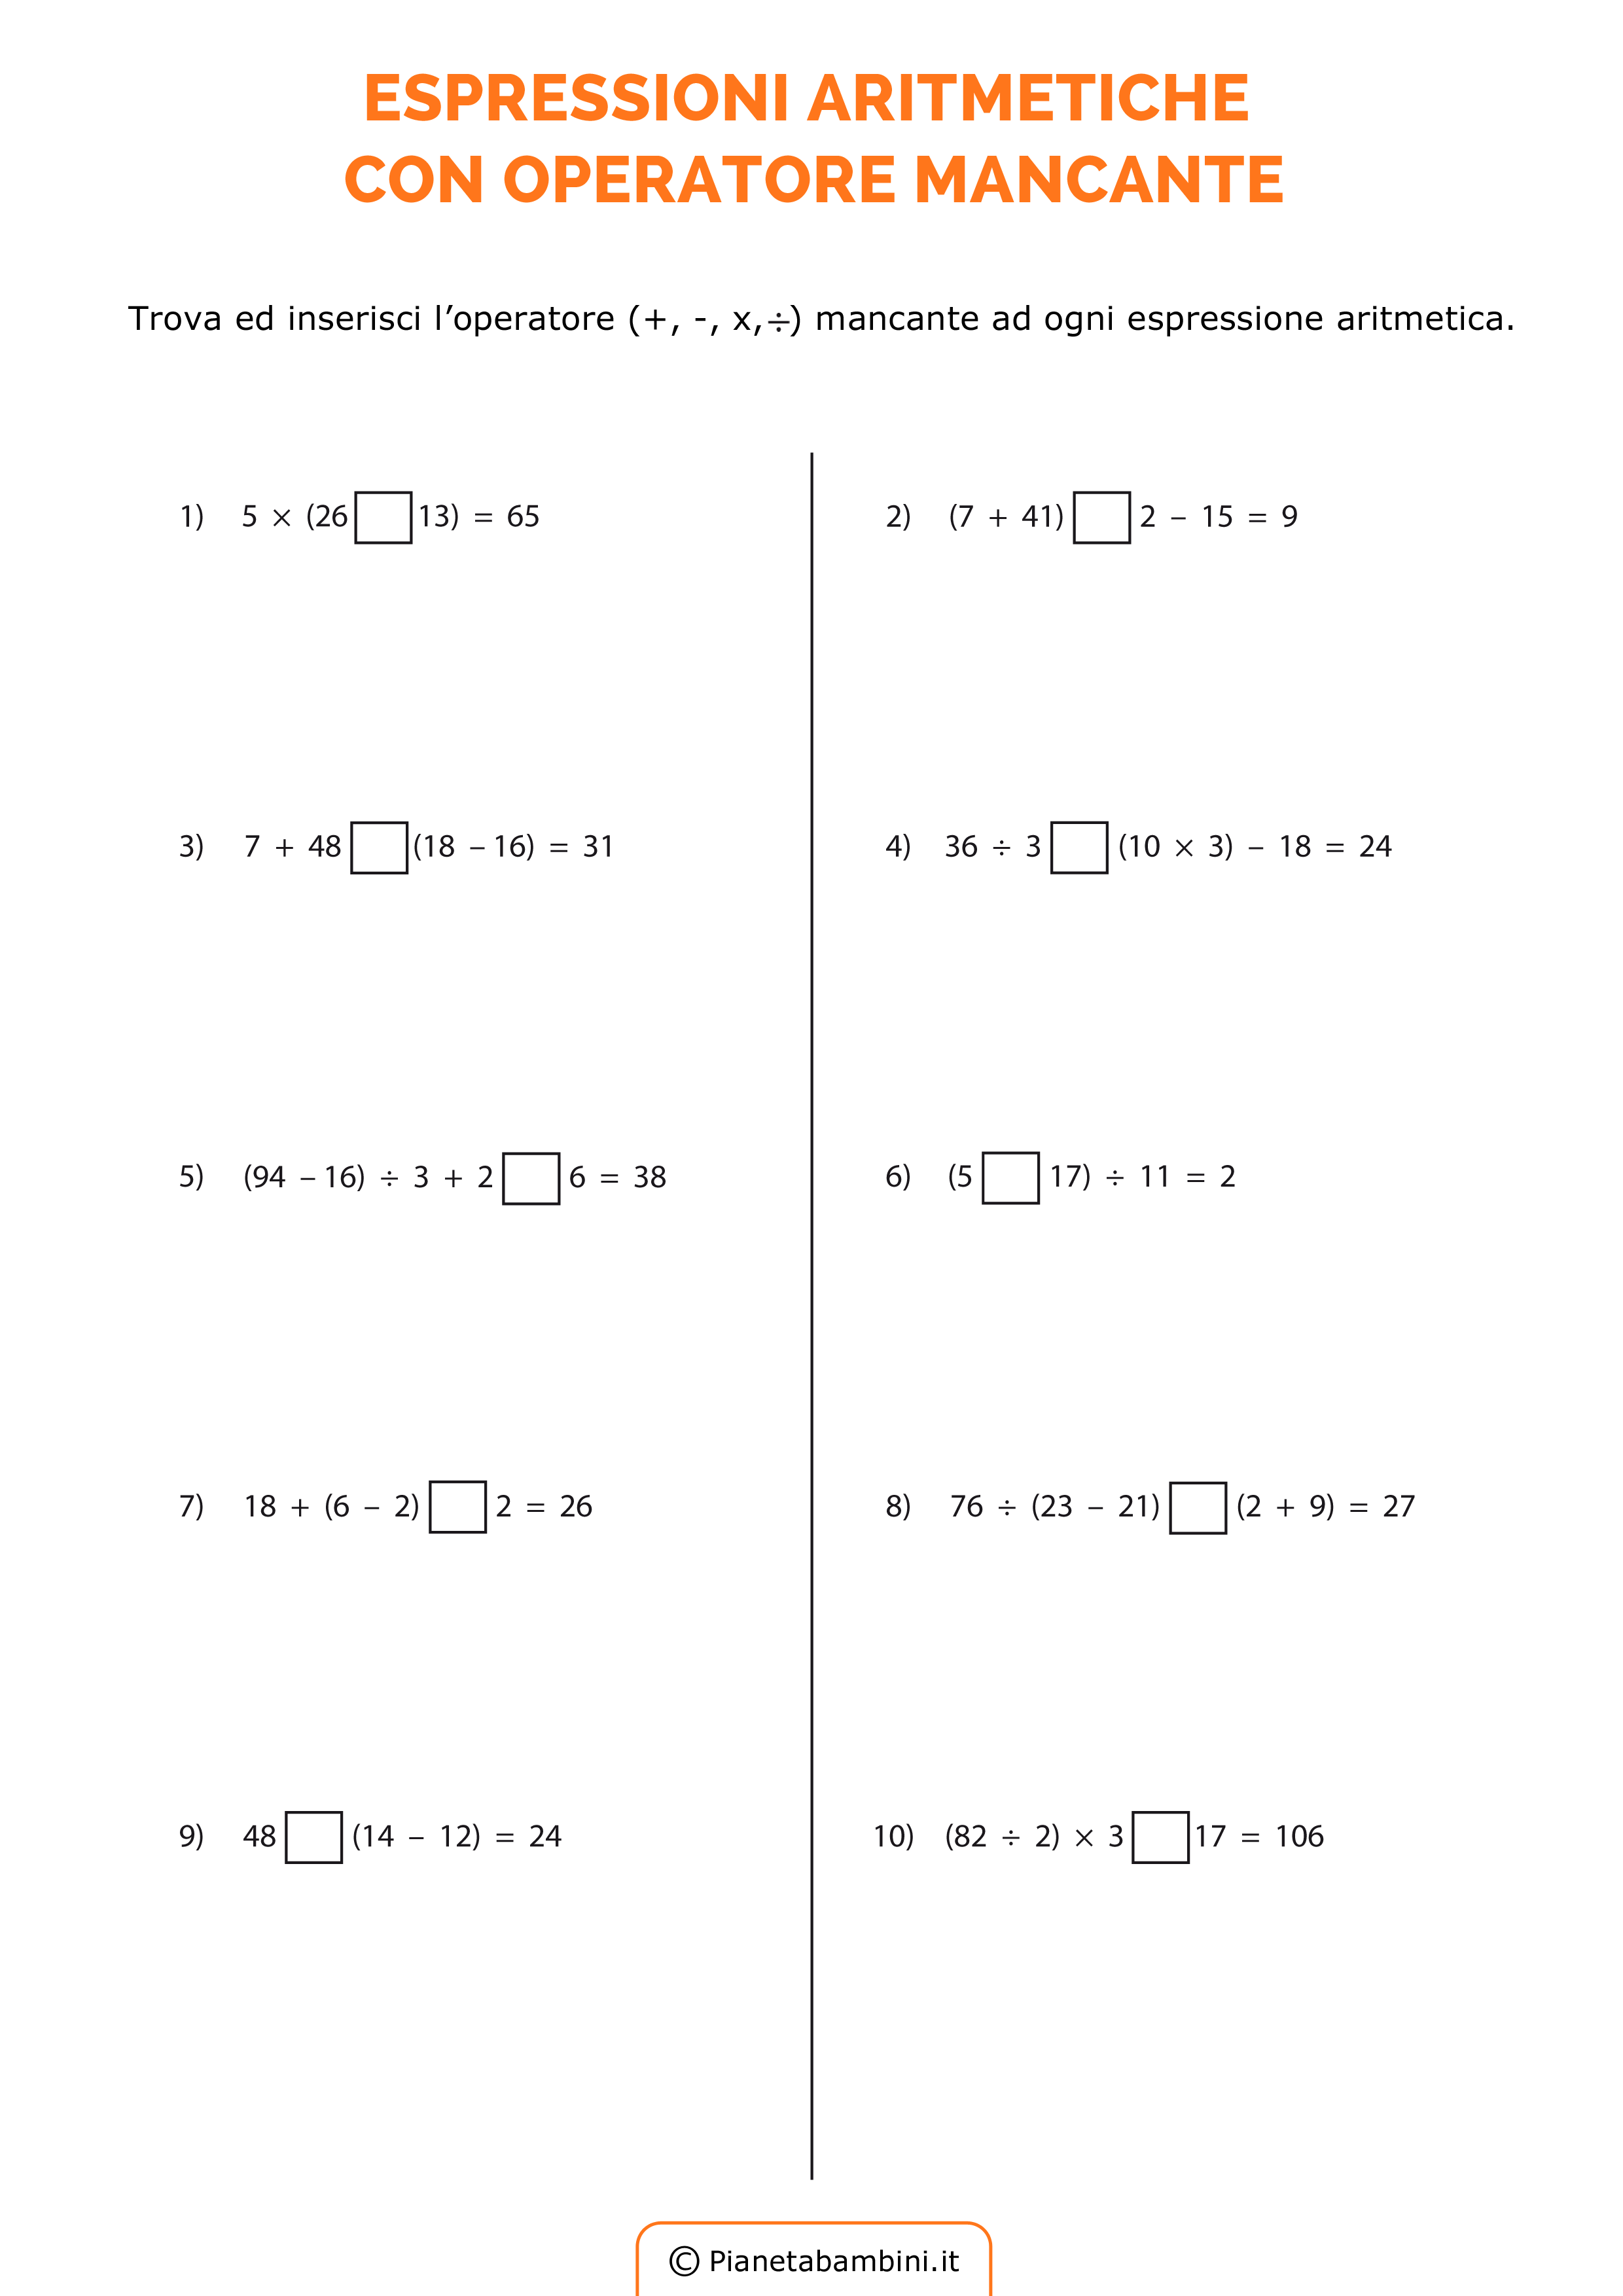 Esercizi-Espressioni-Operatore-Mancante_4